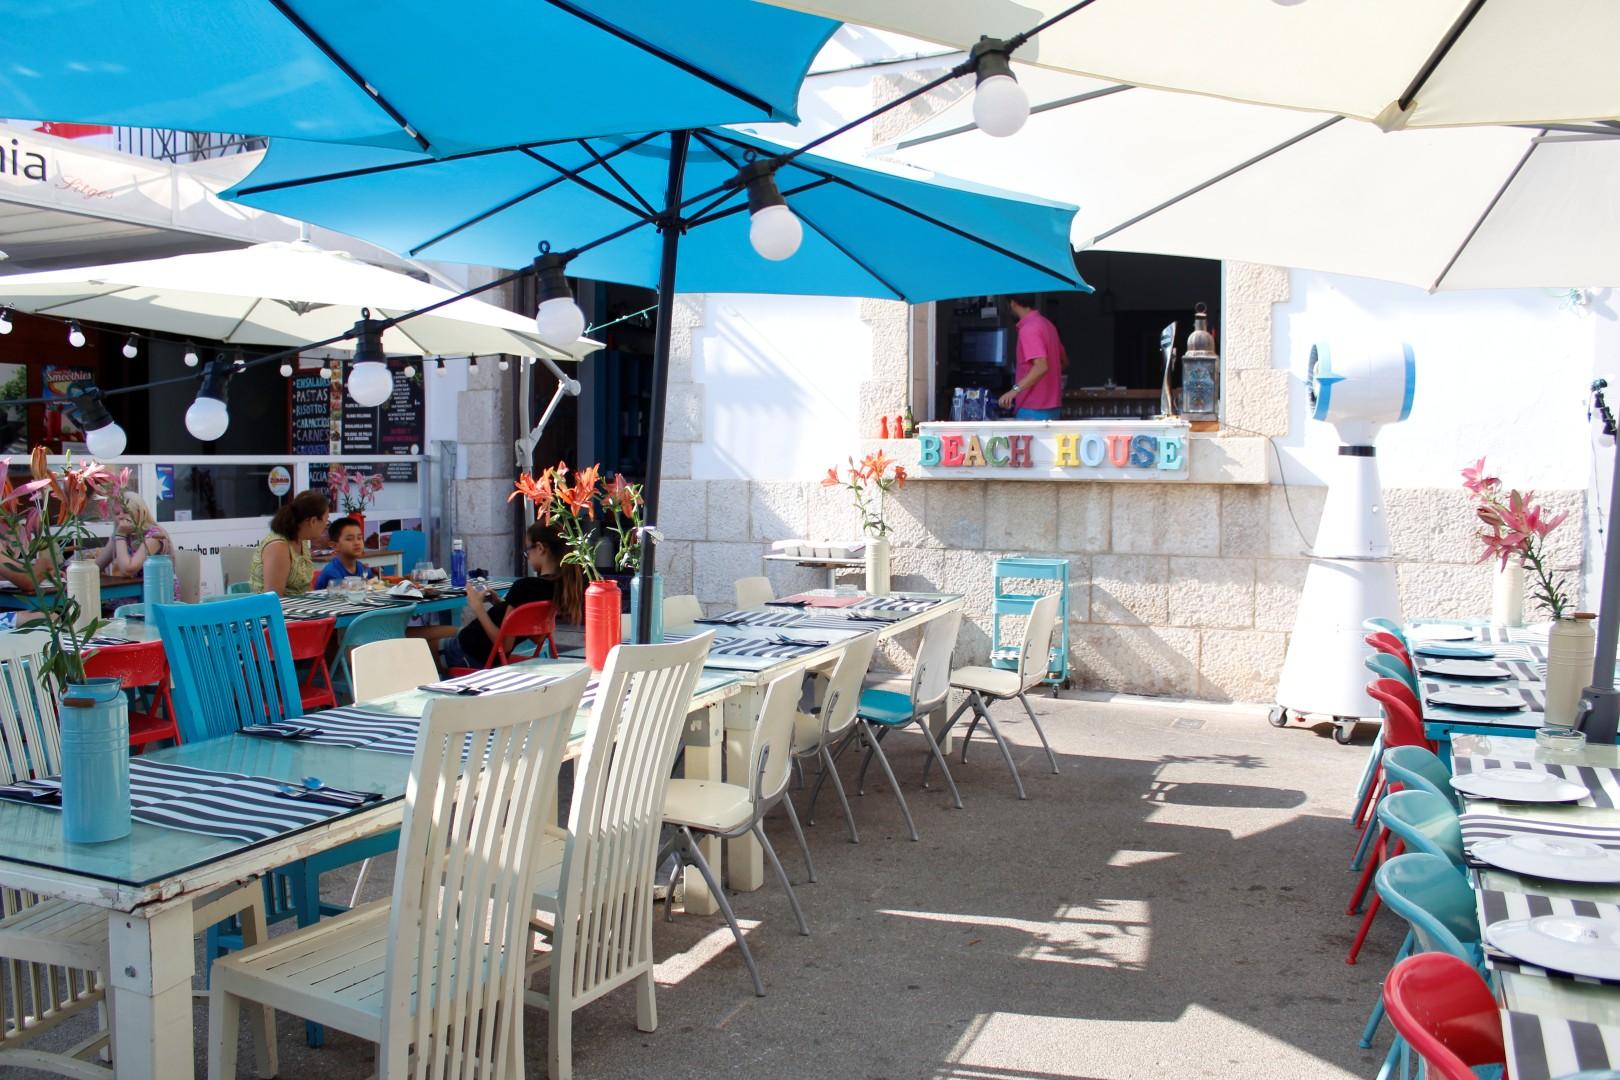 Beach house restaurants restaurante sitges restaurants